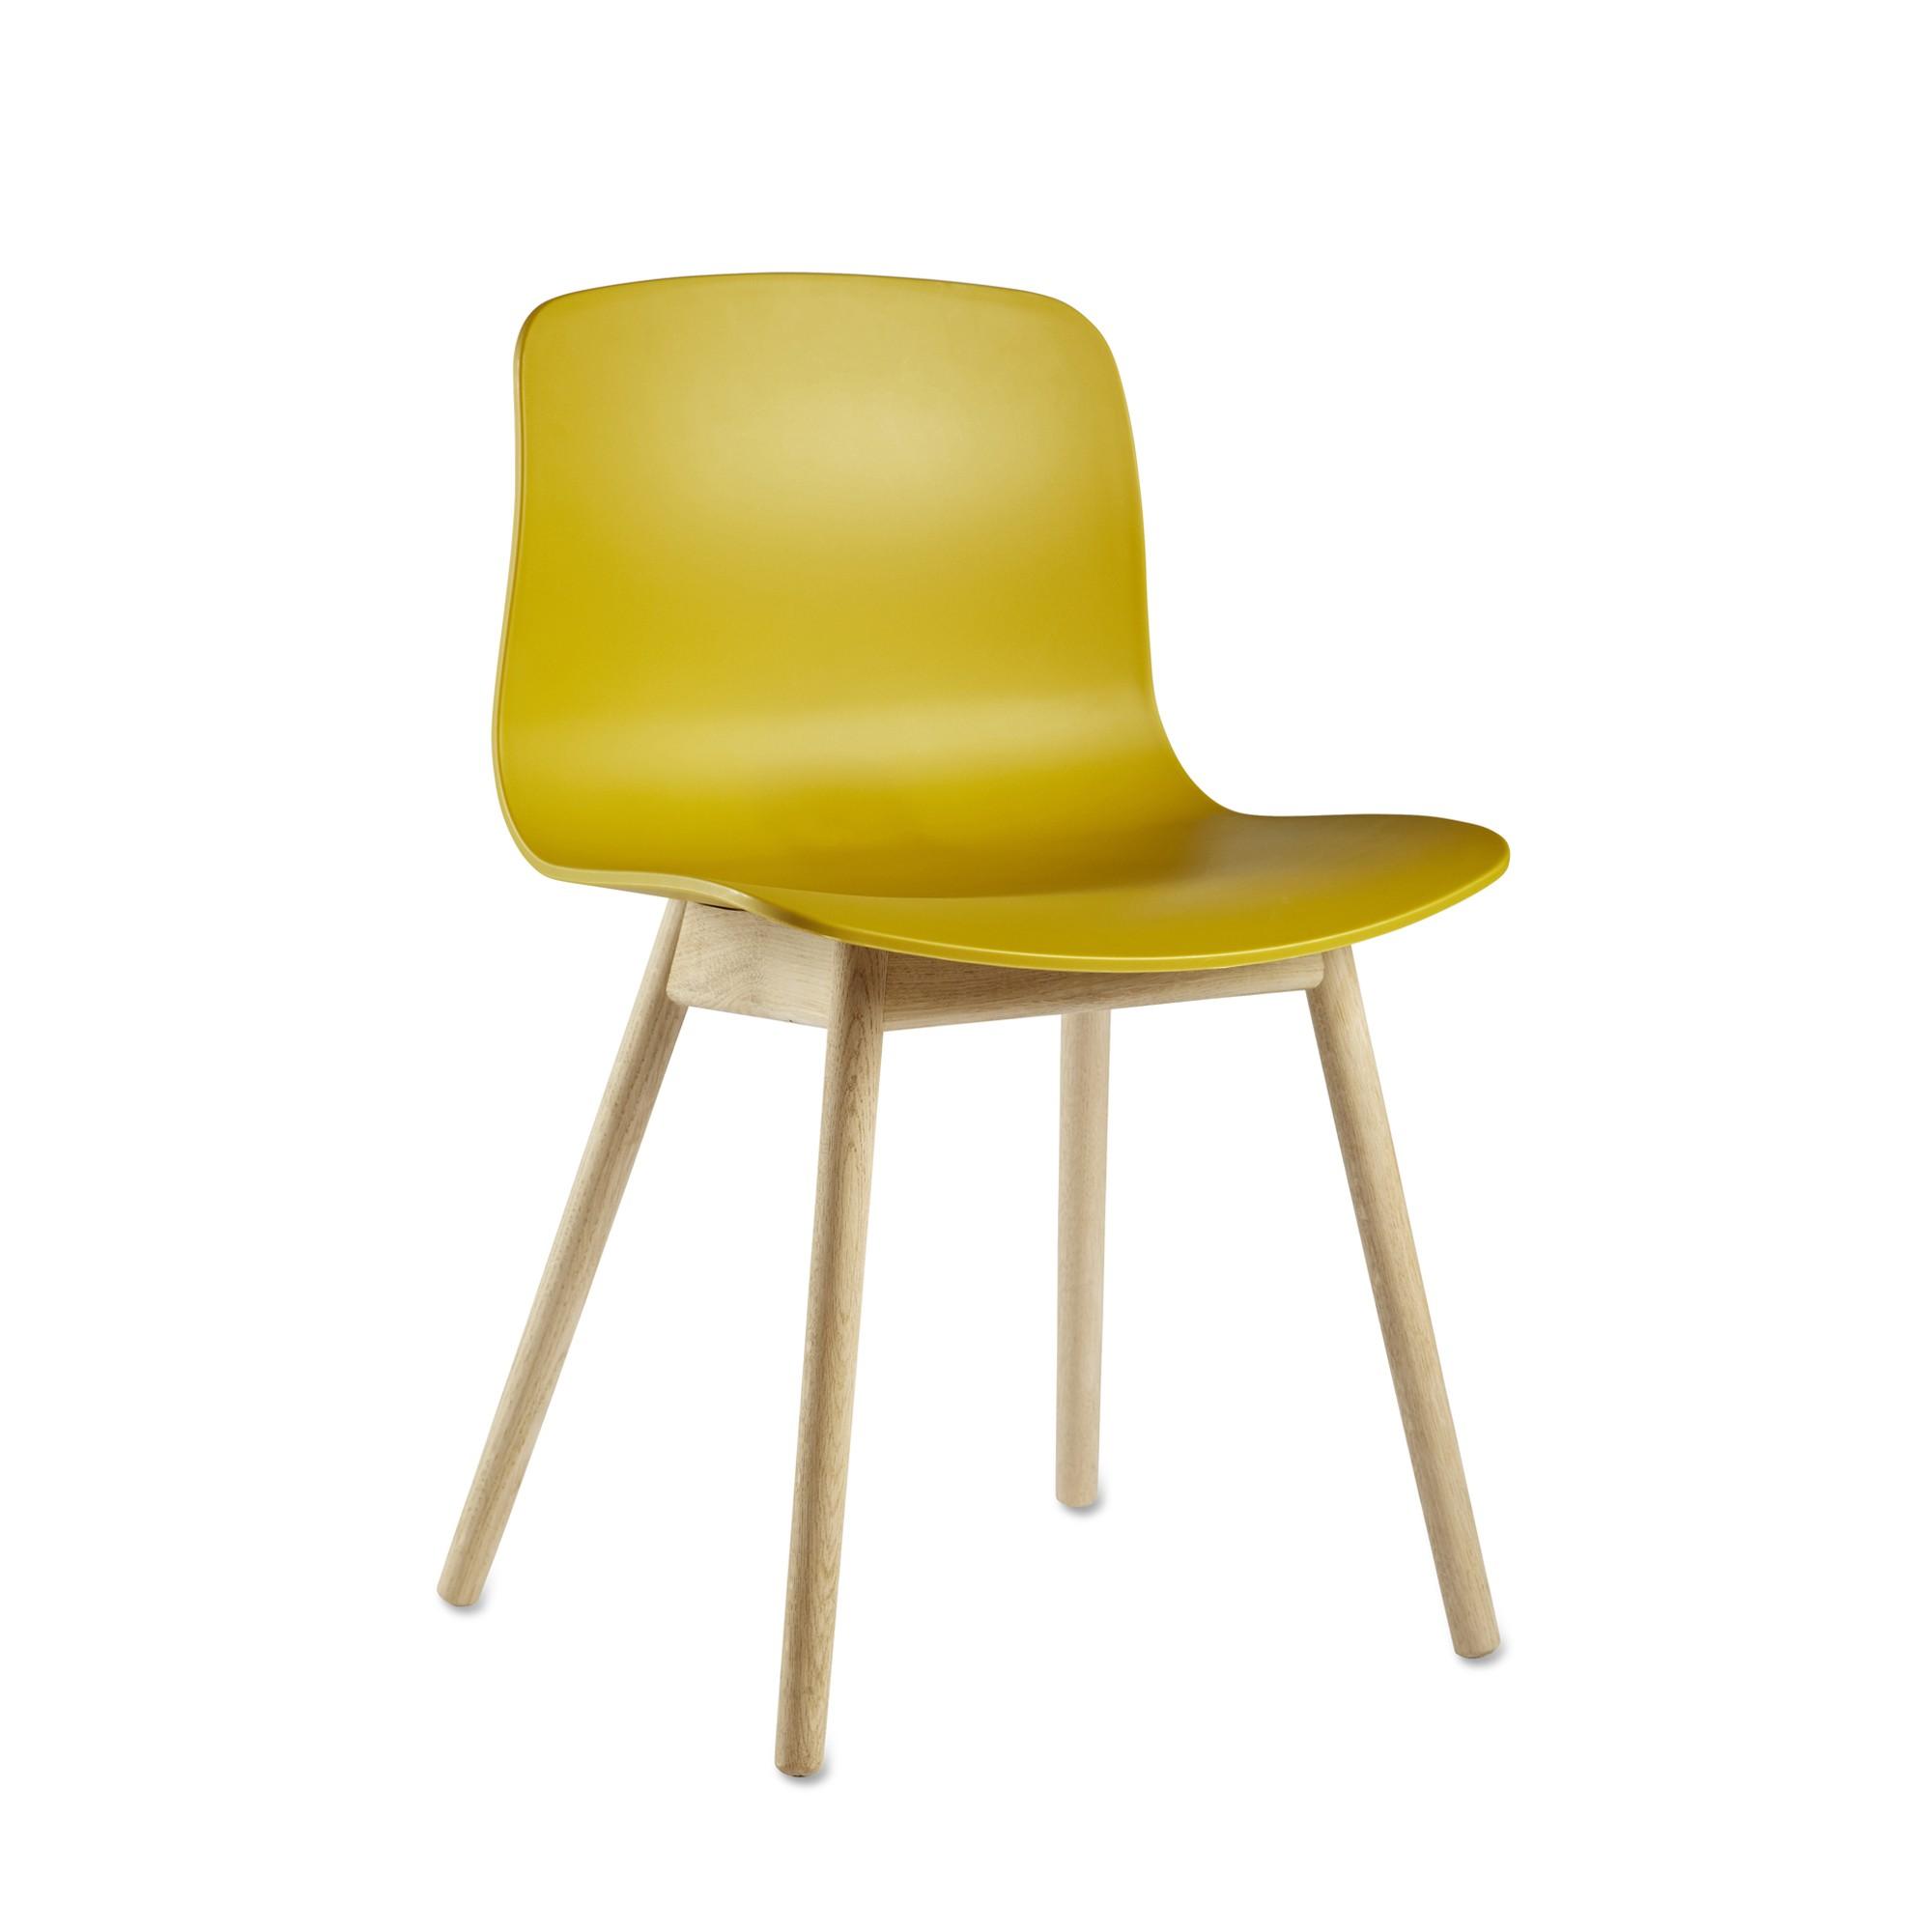 Chaise ABOUT A CHAIR AAC 12 Coque Plastique Et Pitement En Chne Trait